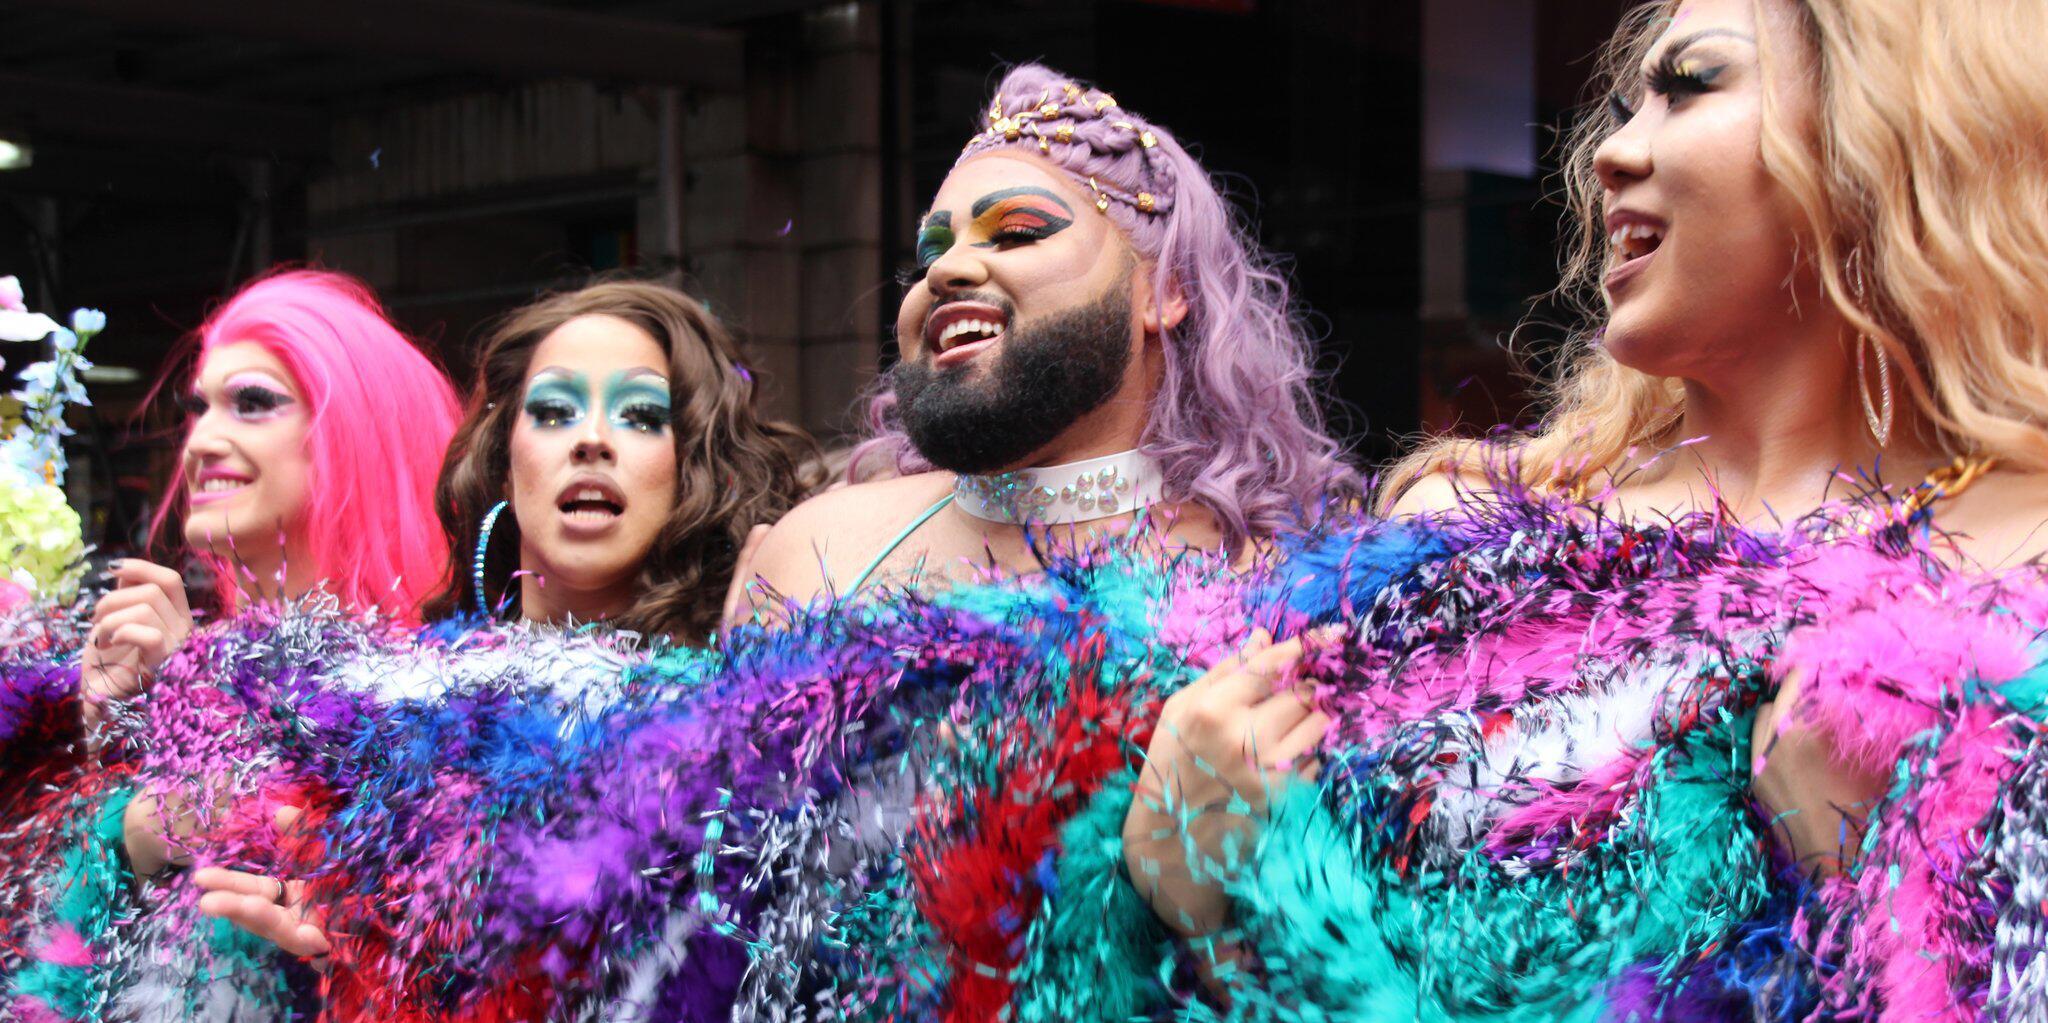 Bild zu Längste regenbogenfarbene Federboa in New York enthüllt